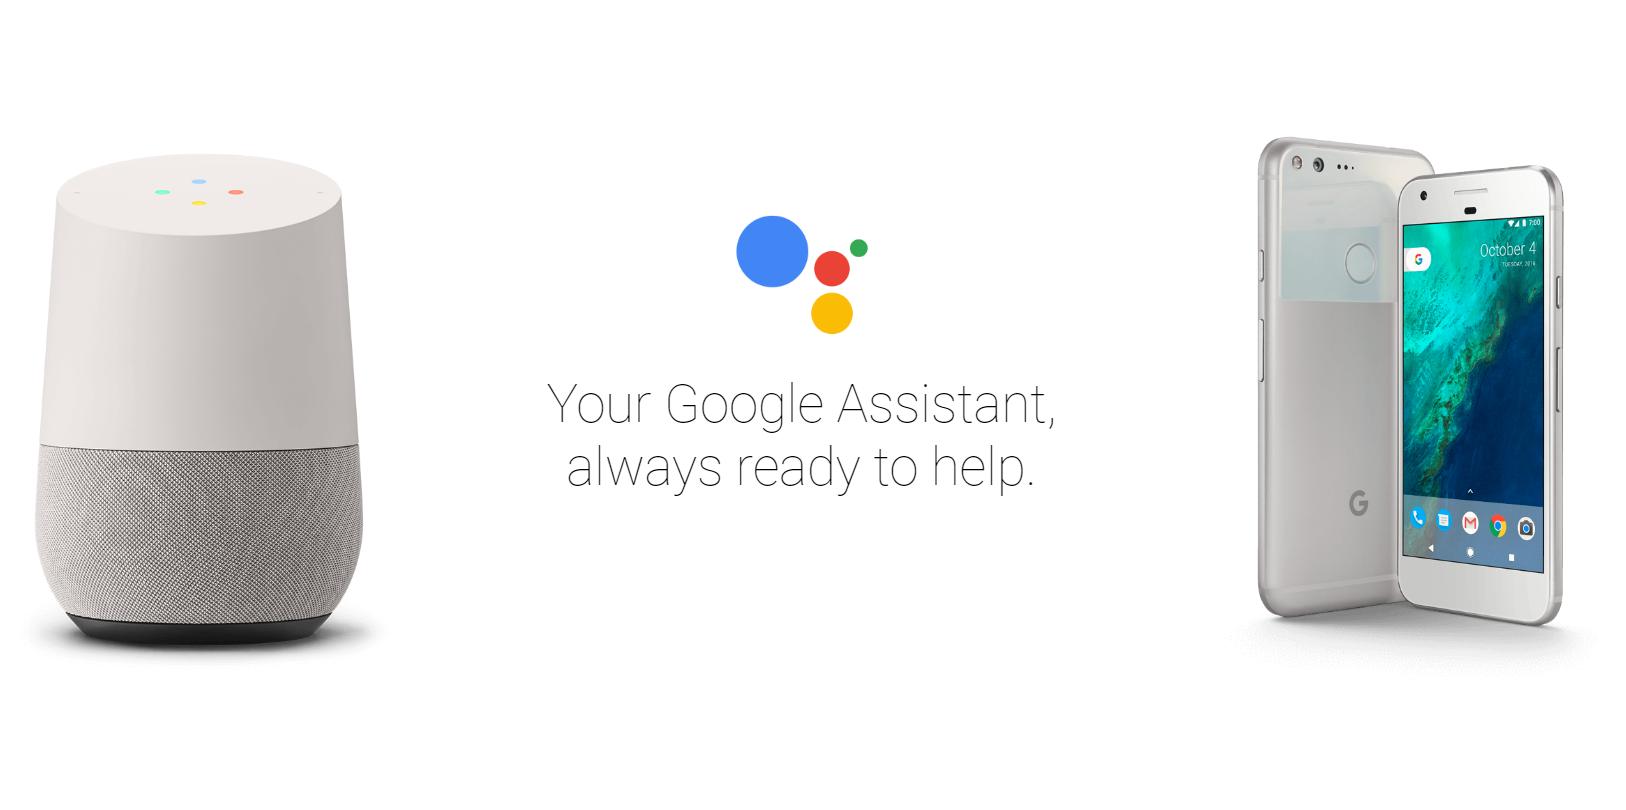 Команды для google ассистента - cправка - google ассистент